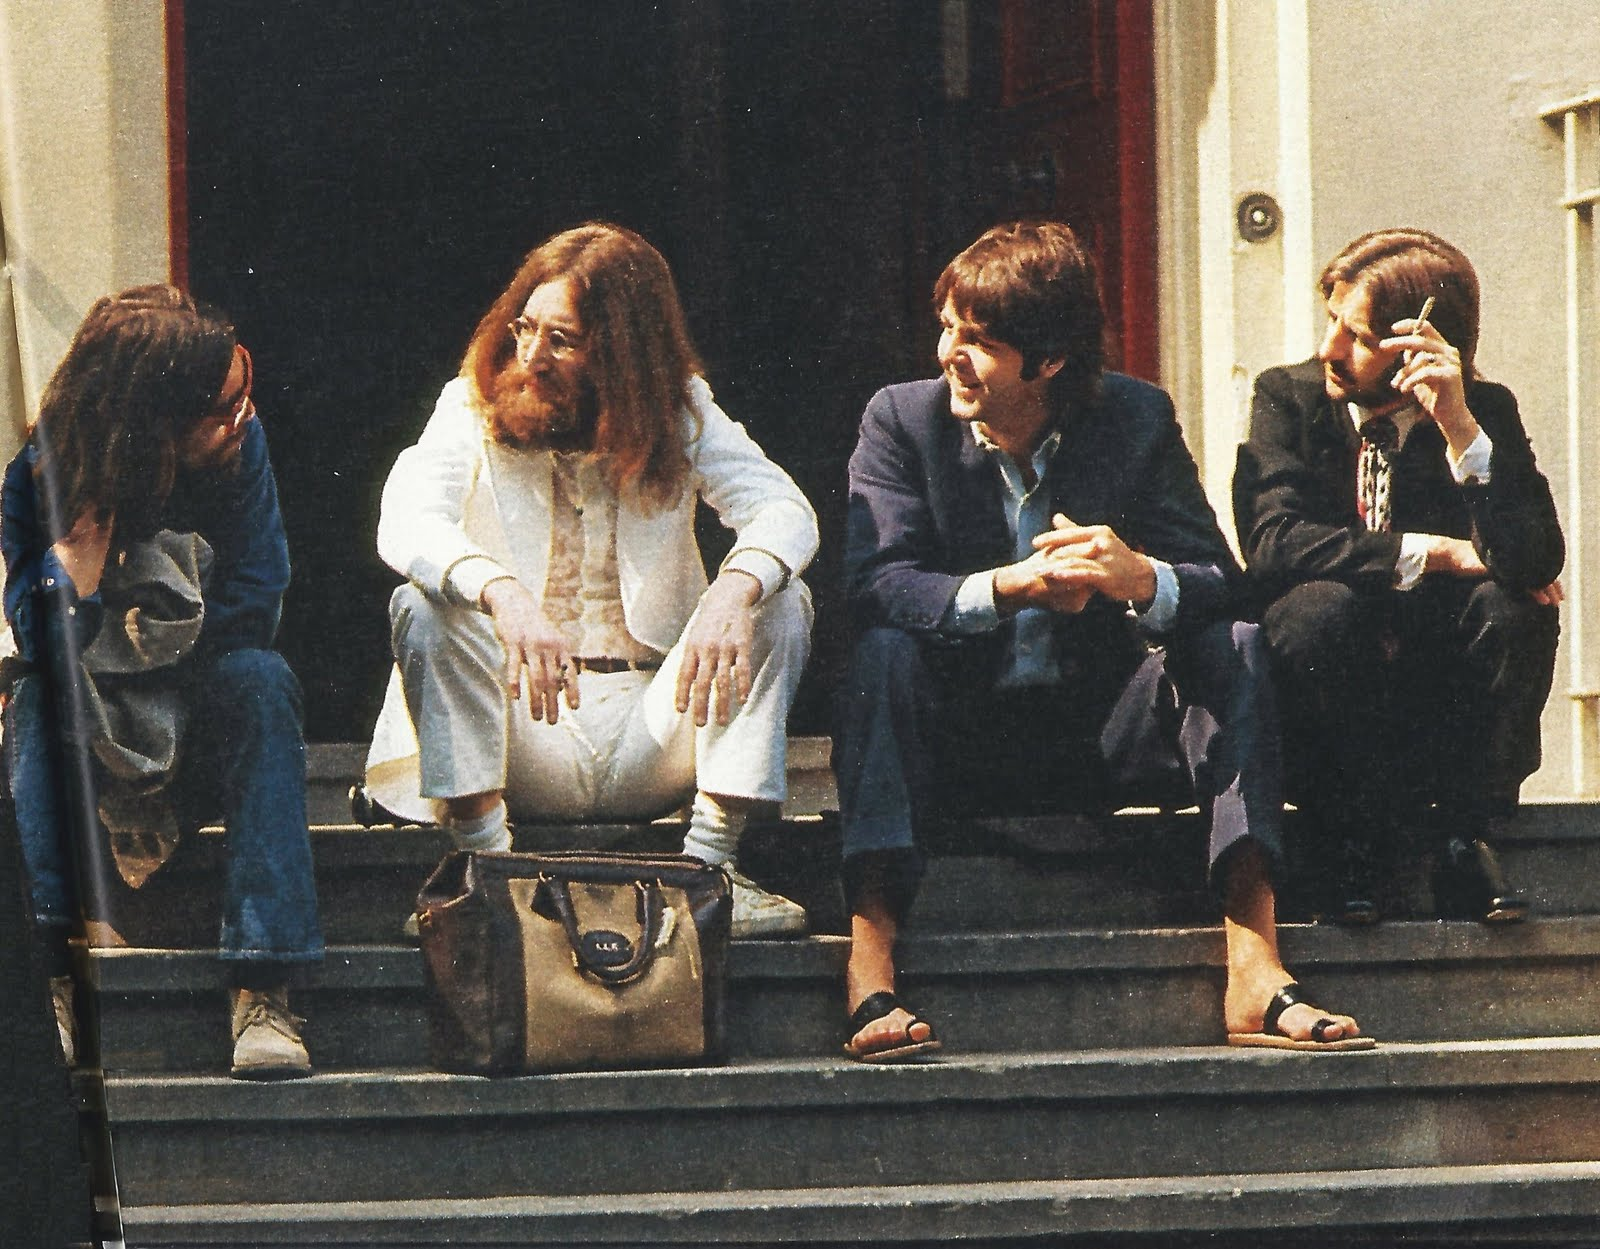 beatles abbey road CoS Readers Poll Results: Favorite Beatles Songs